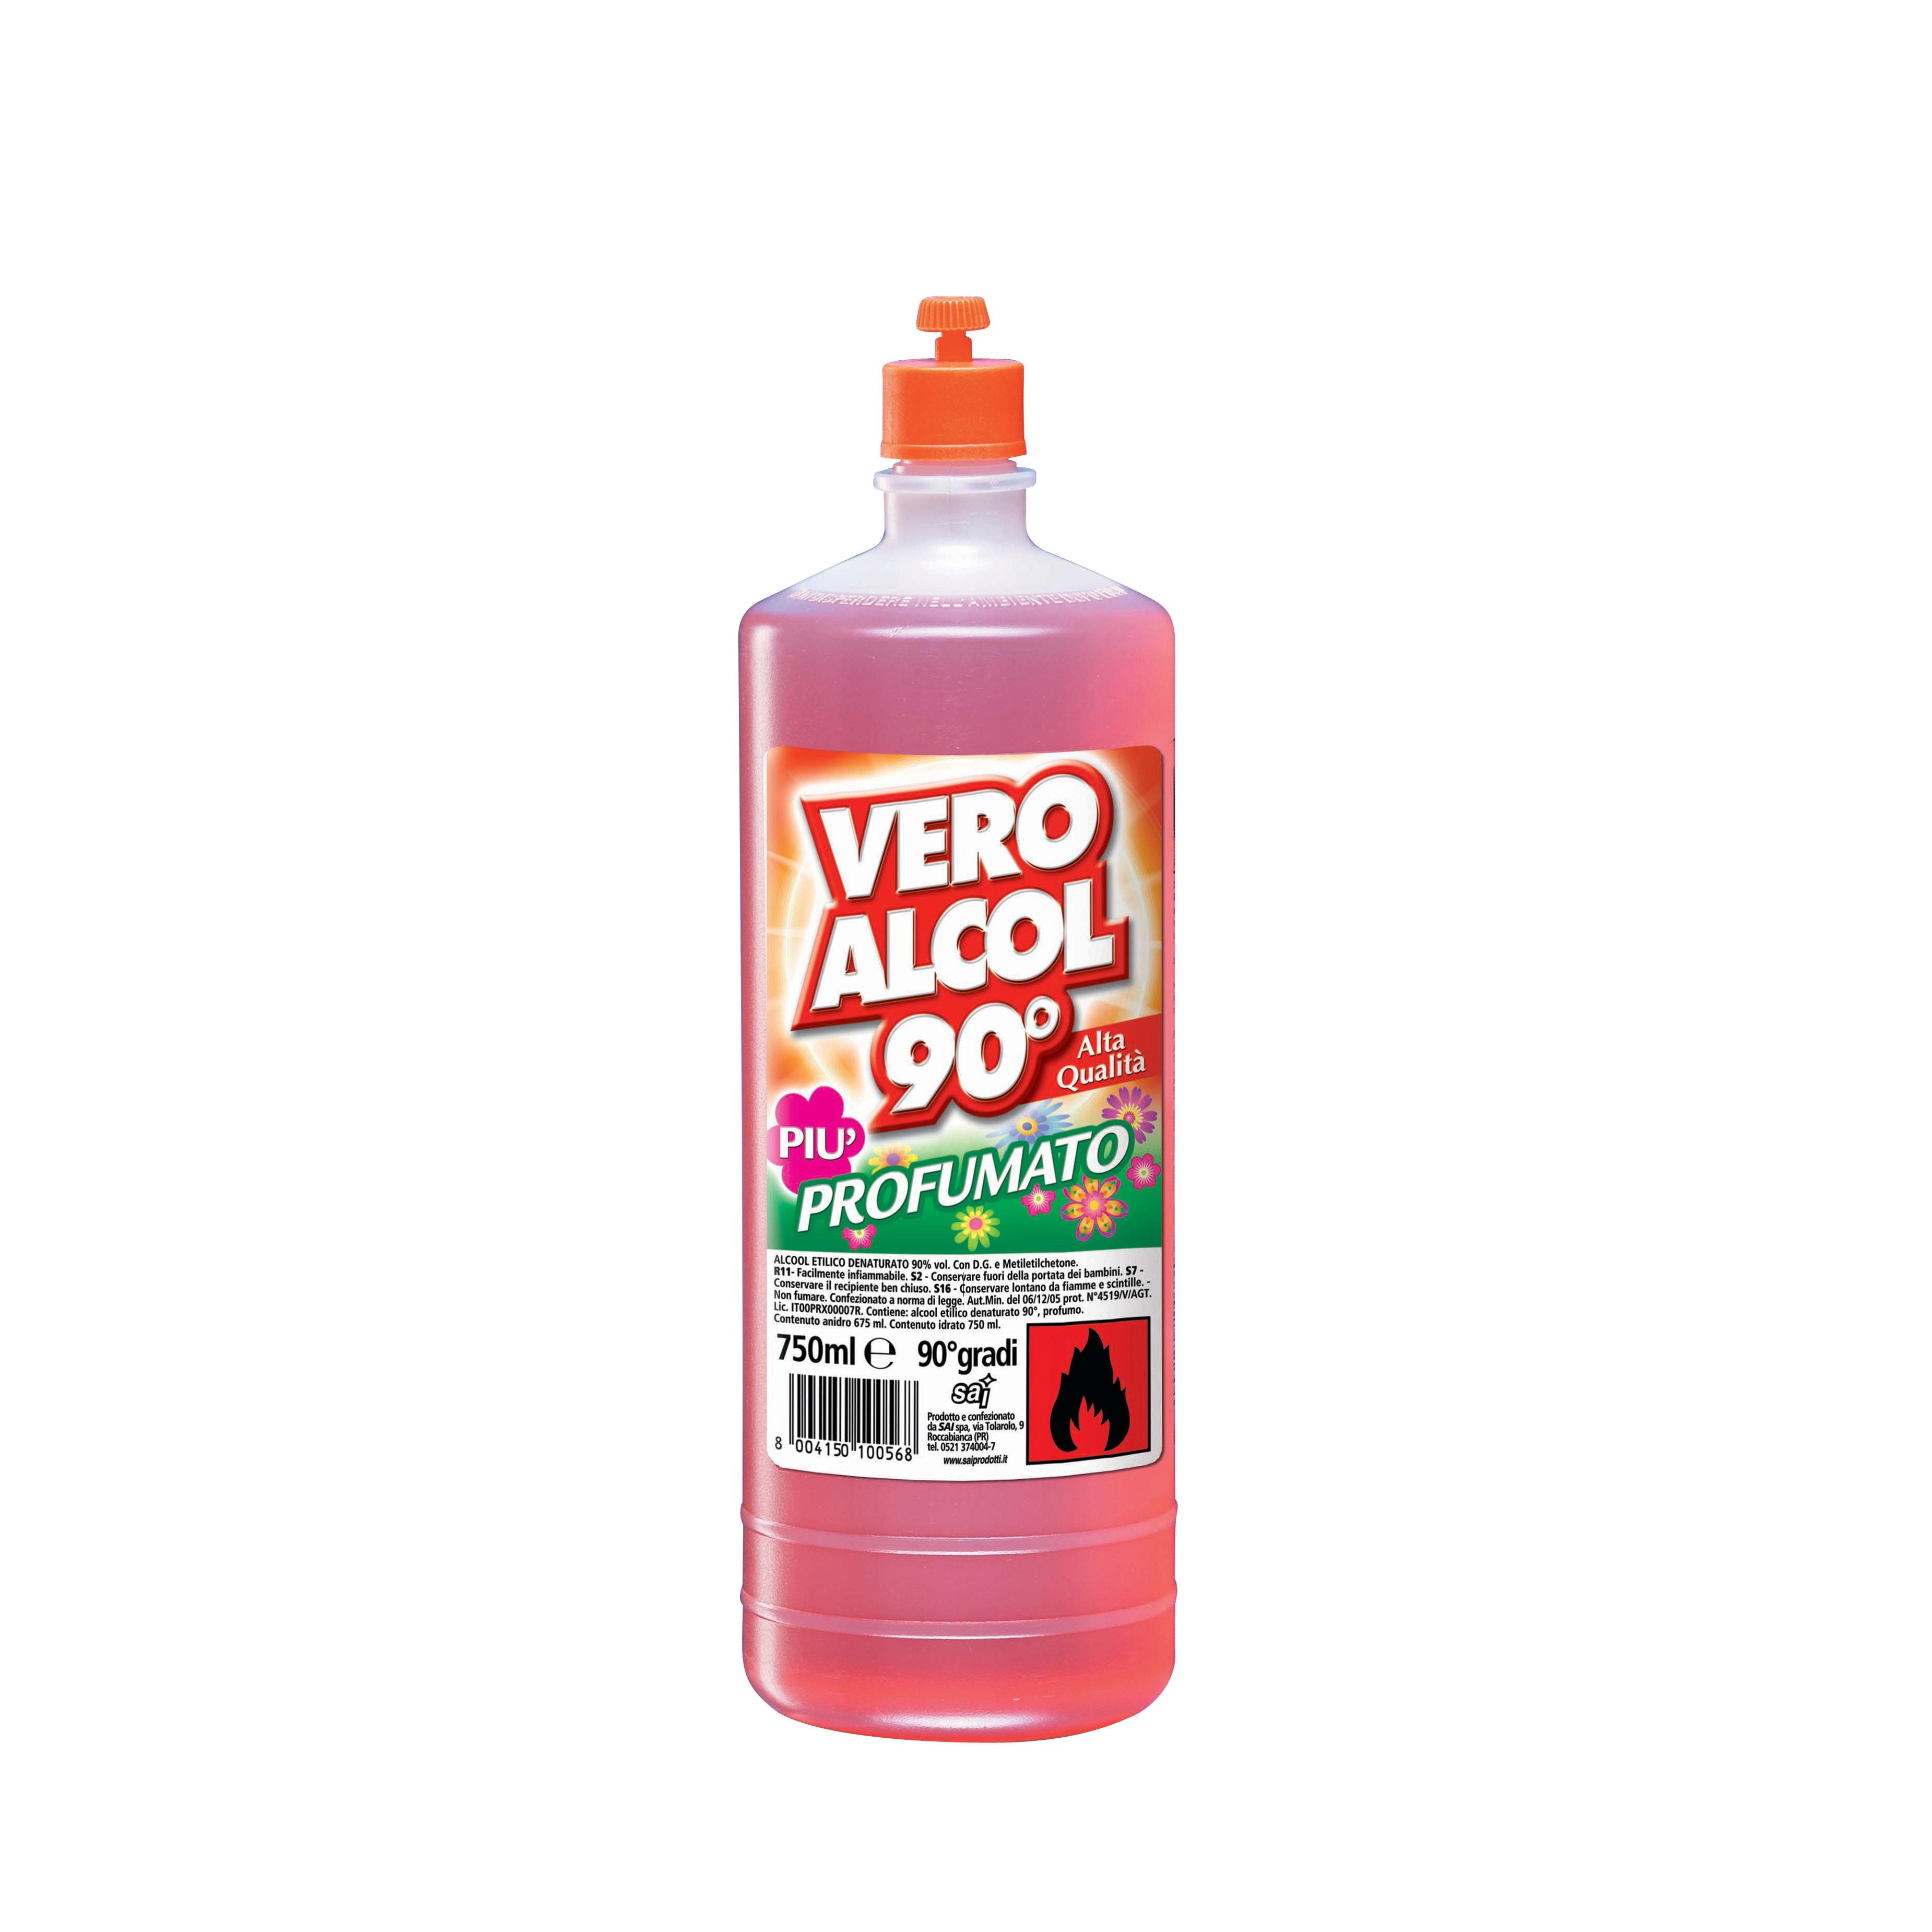 alcool denaturato per profumi vendita